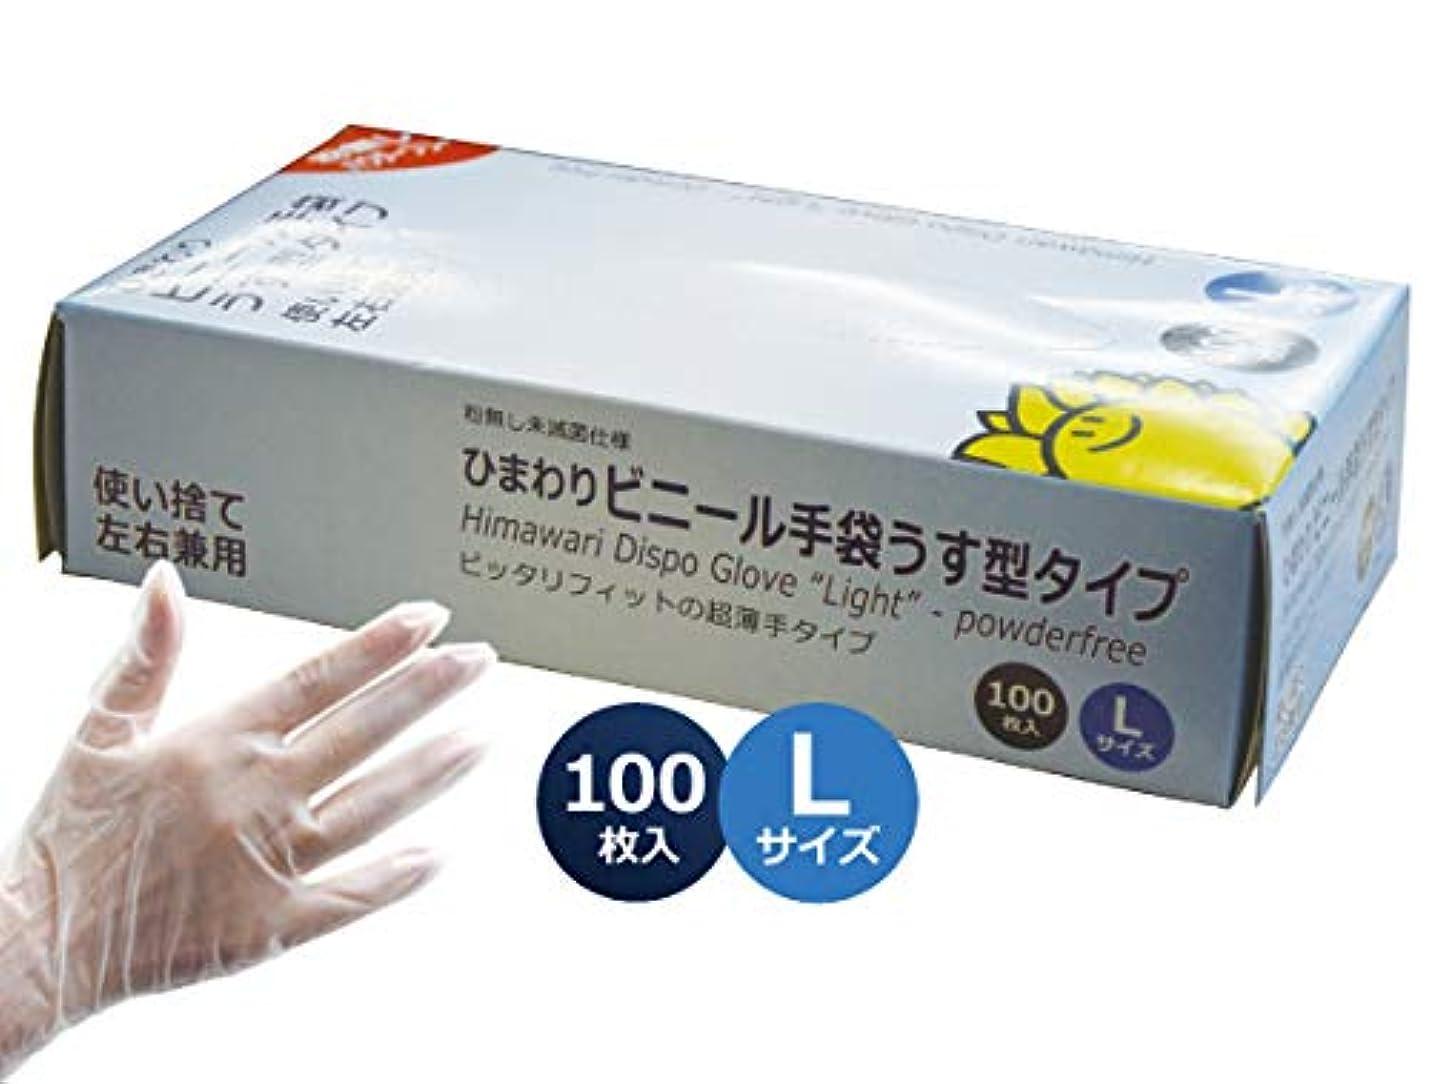 アクセスできないアボート生じるビニール手袋うす型タイプ パウダーフリー Lサイズ:1小箱100枚入 プラスチック手袋 グローブ 粉無し 使い捨て 左右兼用